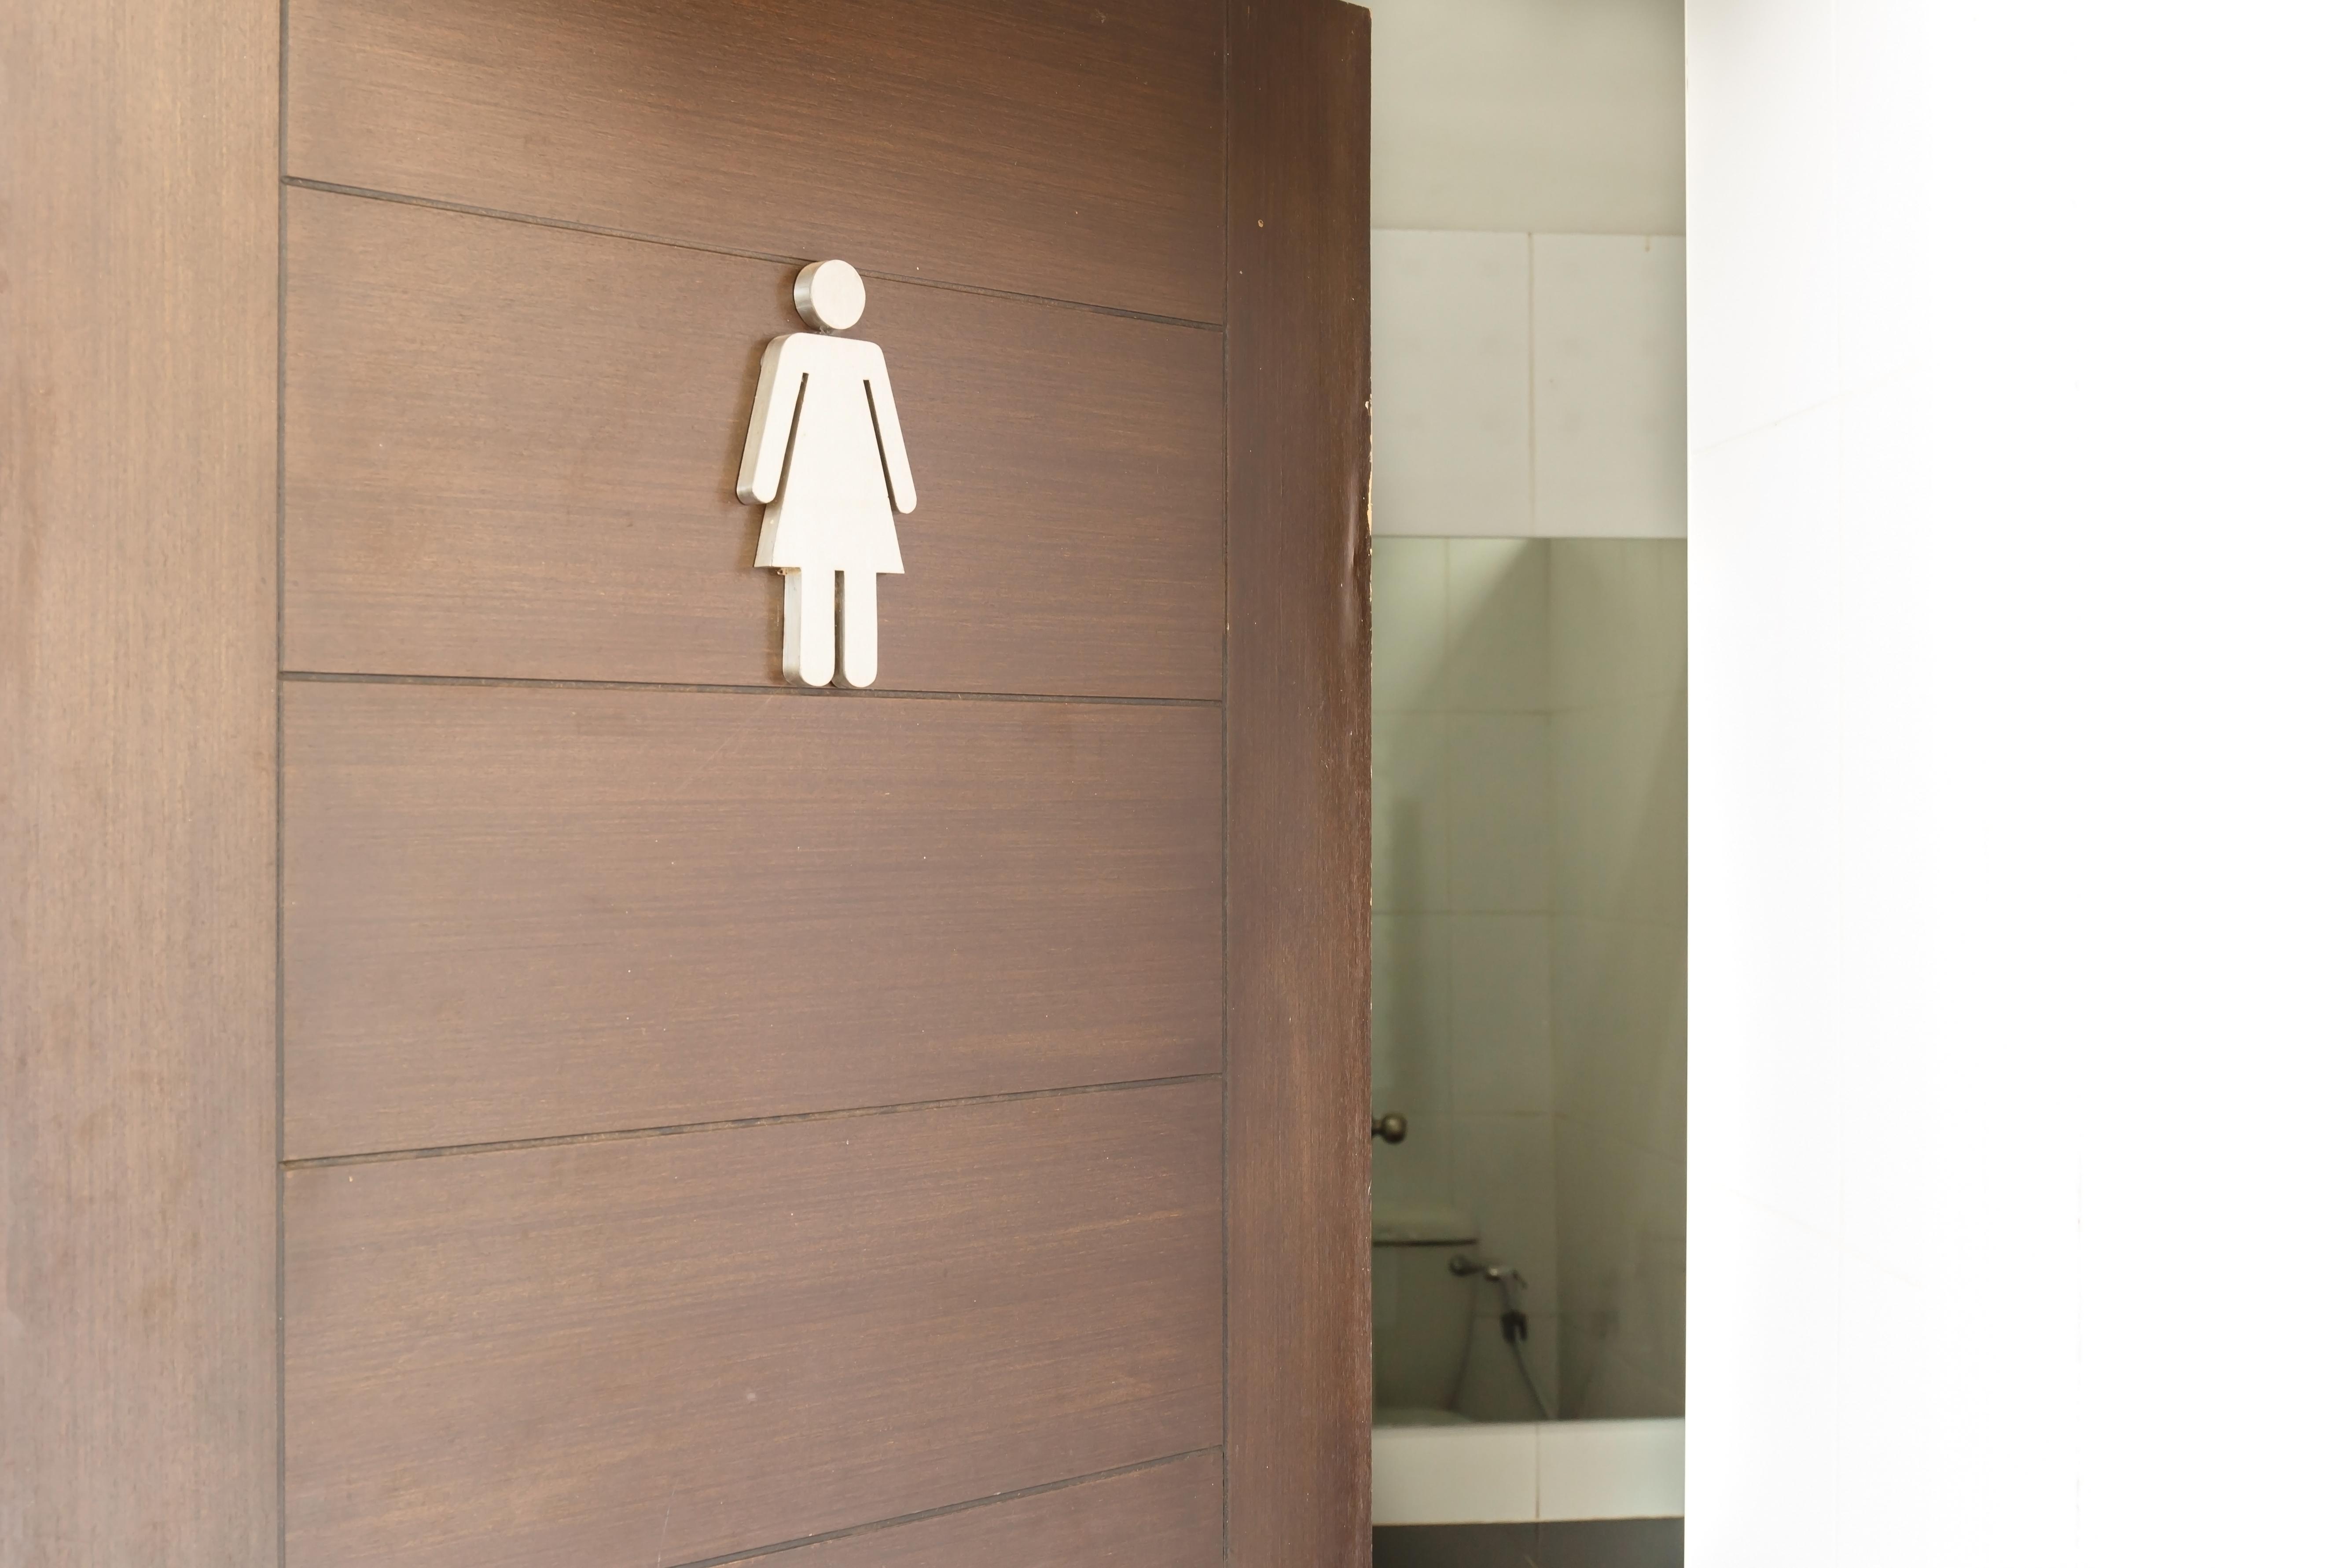 För att vilja besöka toaletten måste eleverna känna att toalettmiljön är fräsch och trygg.